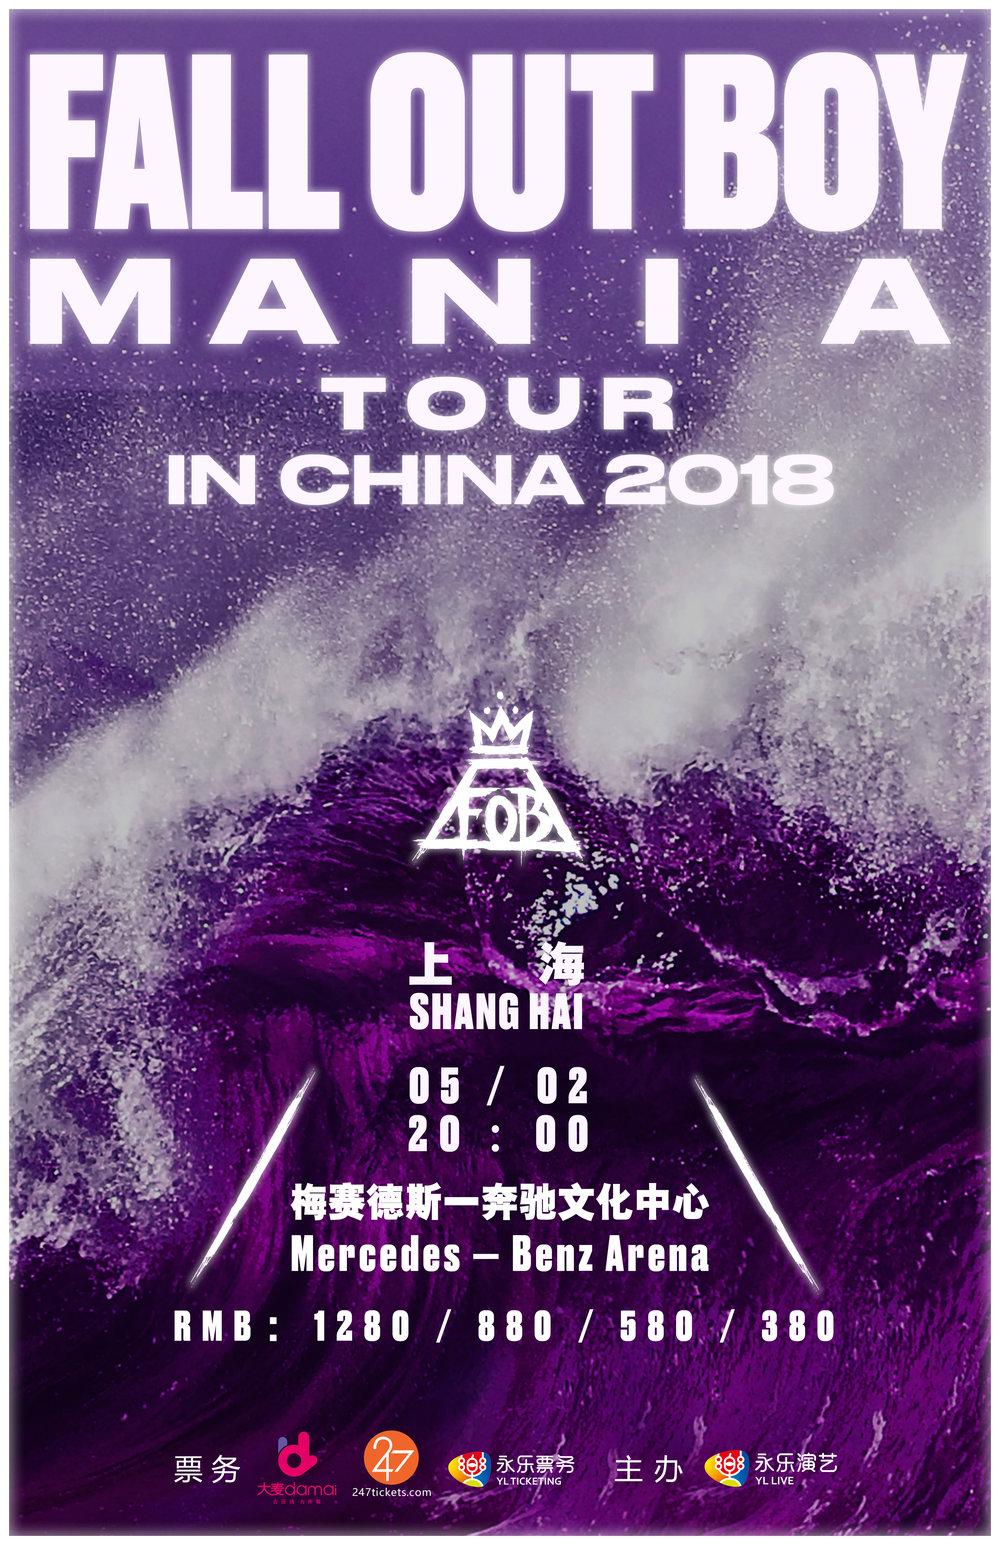 FOB-MANIA CHINA SHANGHAI (1) (1).jpg